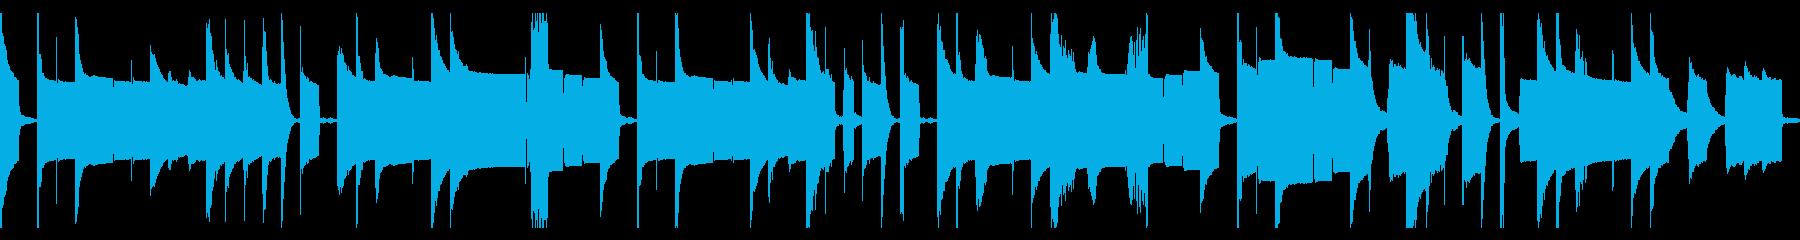 ピタゴラスイッチ風の間抜けなループBGMの再生済みの波形